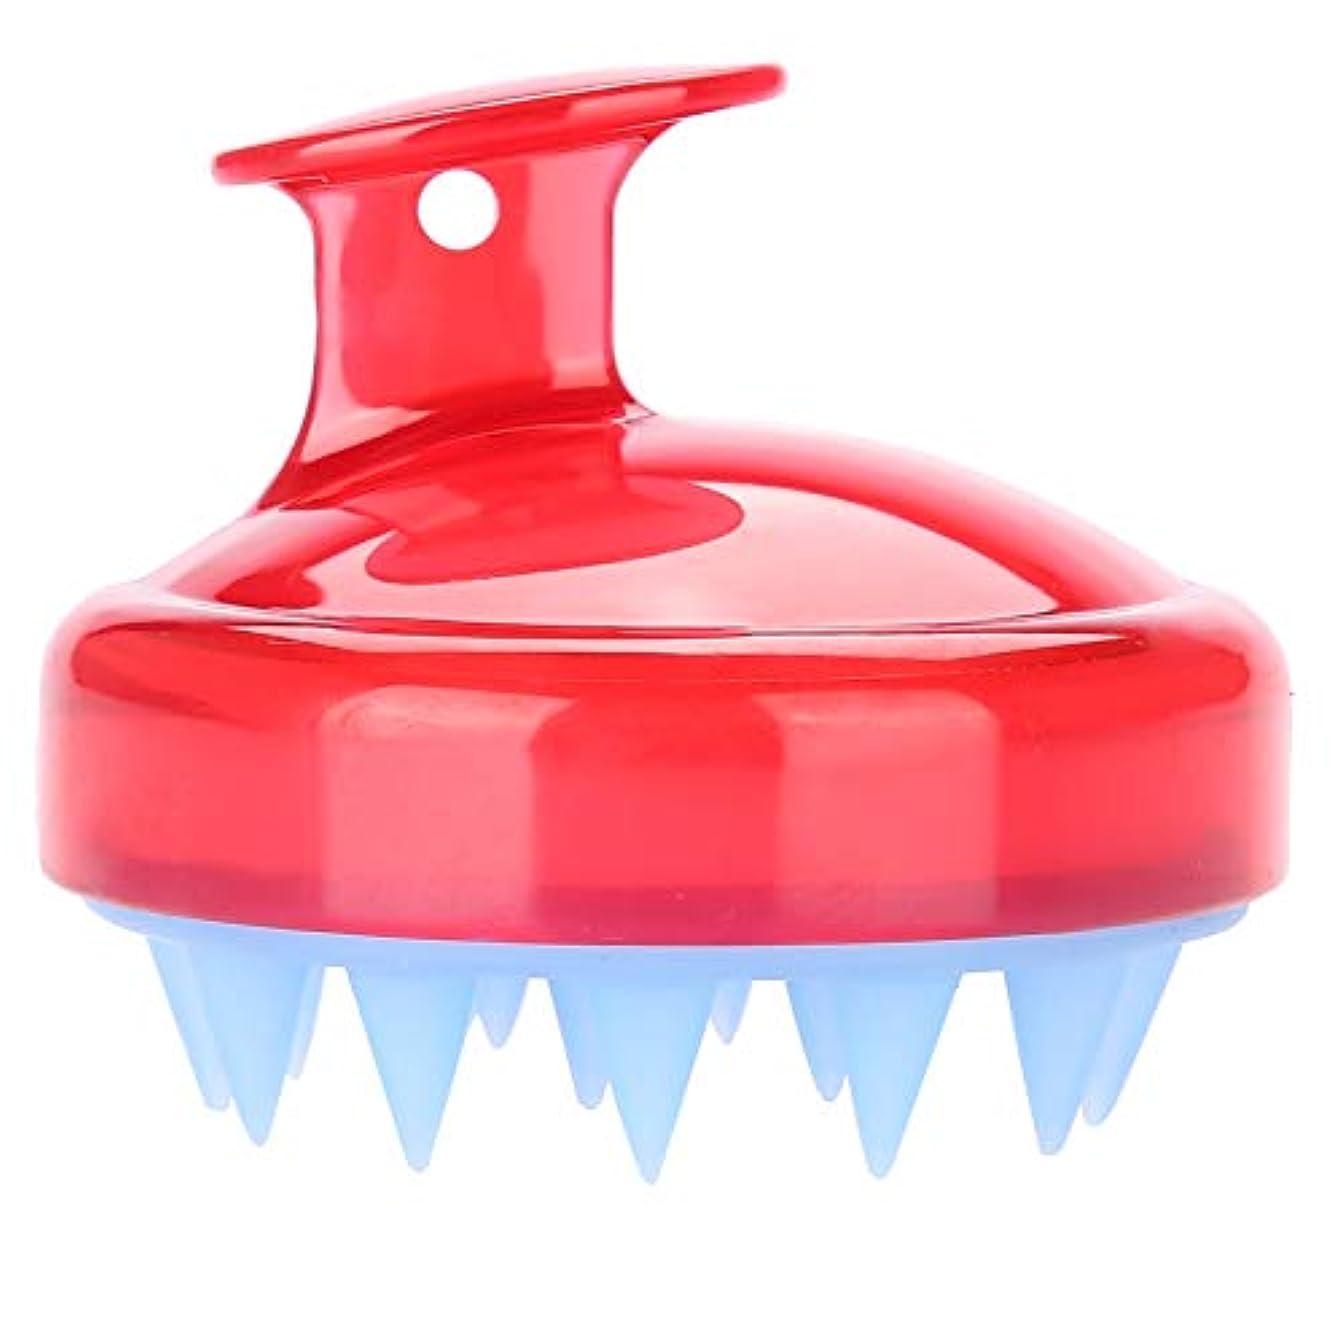 一時停止上陸純粋な5色マッサージャーヘッド - スカルプマッサージャー、マッサージャーブラシヘッドシャンプー - ボディ洗浄マッサージャーのためのシャワーブラシ(赤)